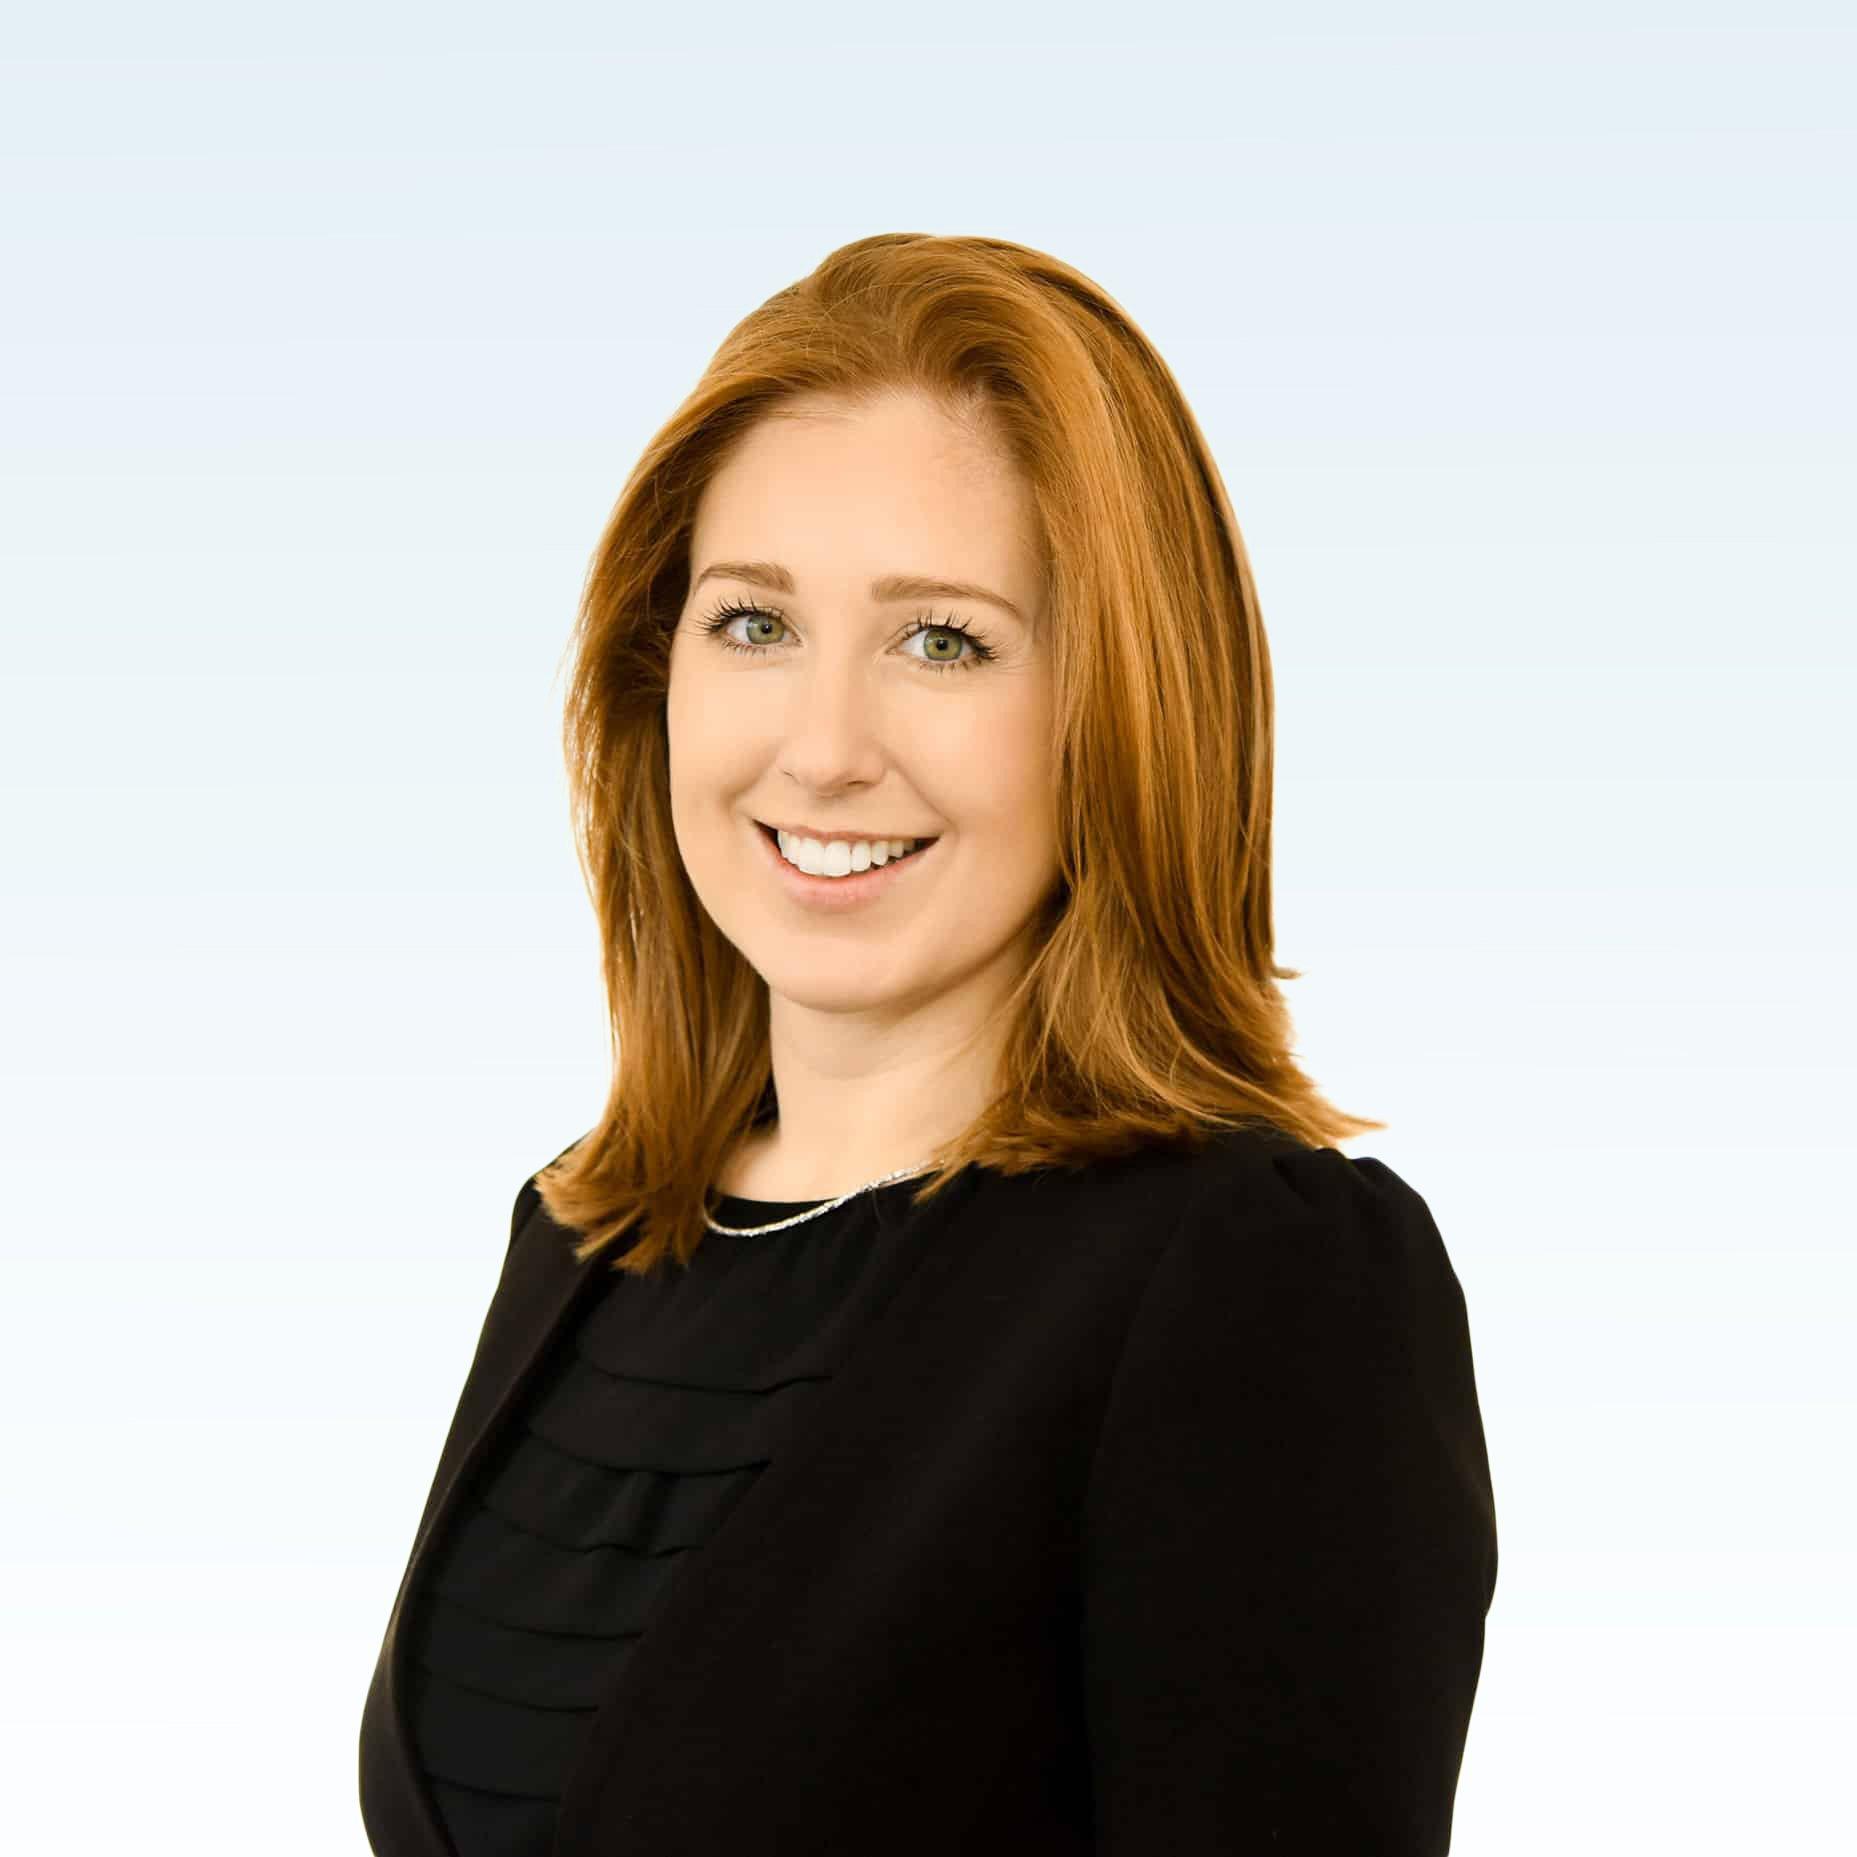 Camilla Rents